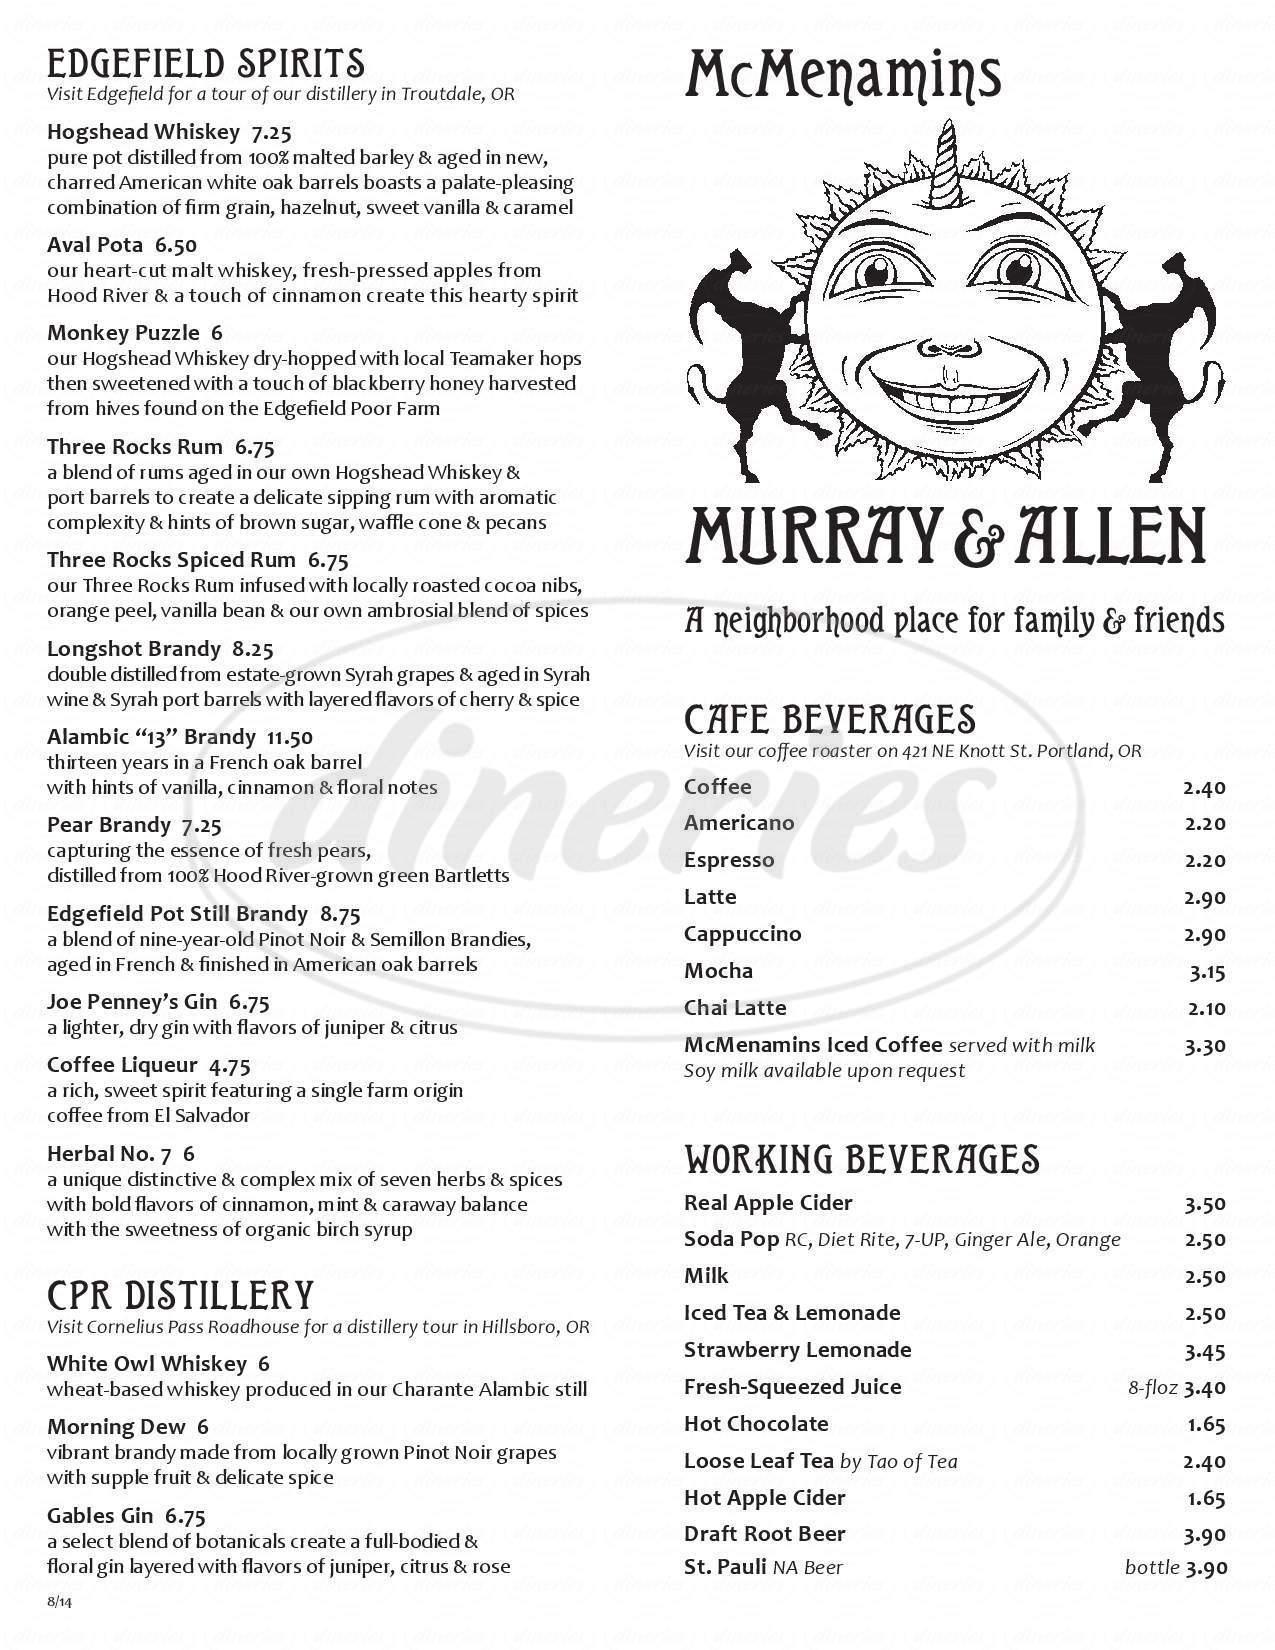 menu for McMenamins Murray & Allen Pub